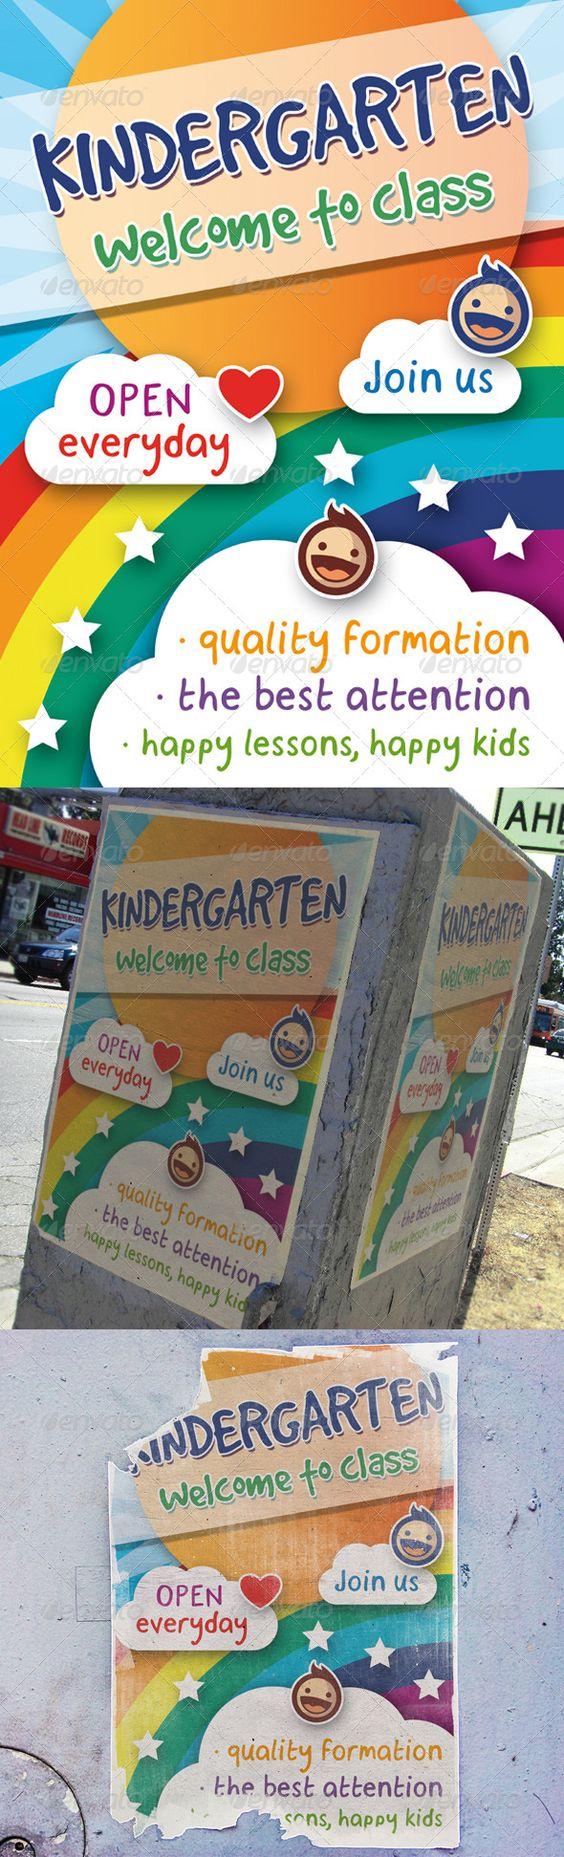 kindergarten flyer template kid typography and flyer template kindergarten flyer template